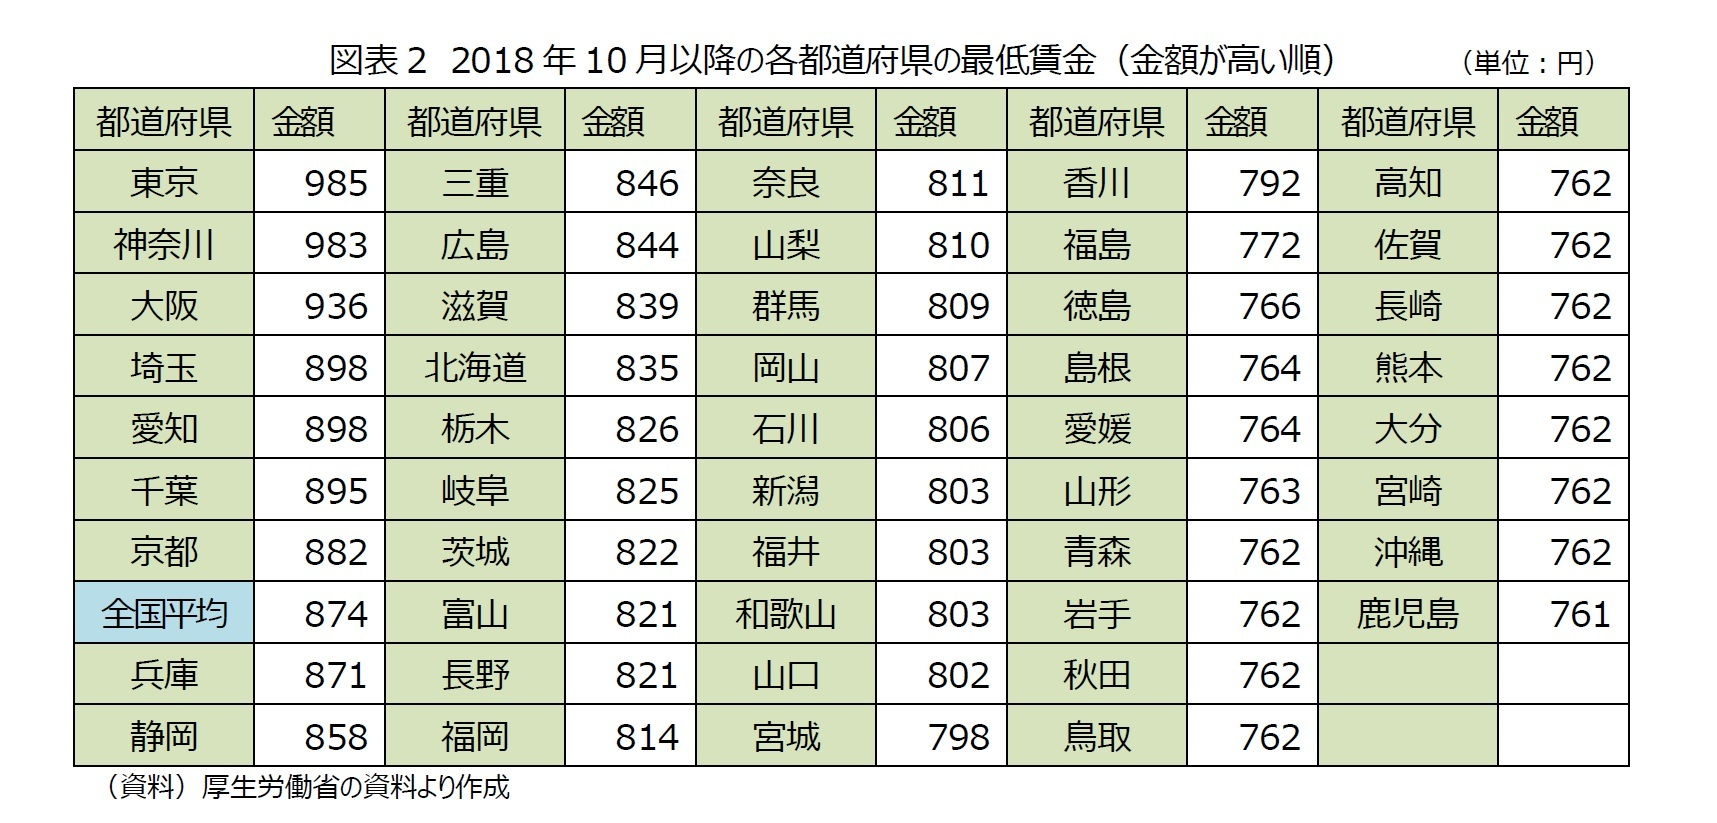 図表2 2018年10月以降の各都道府県の最低賃金(金額が高い順)